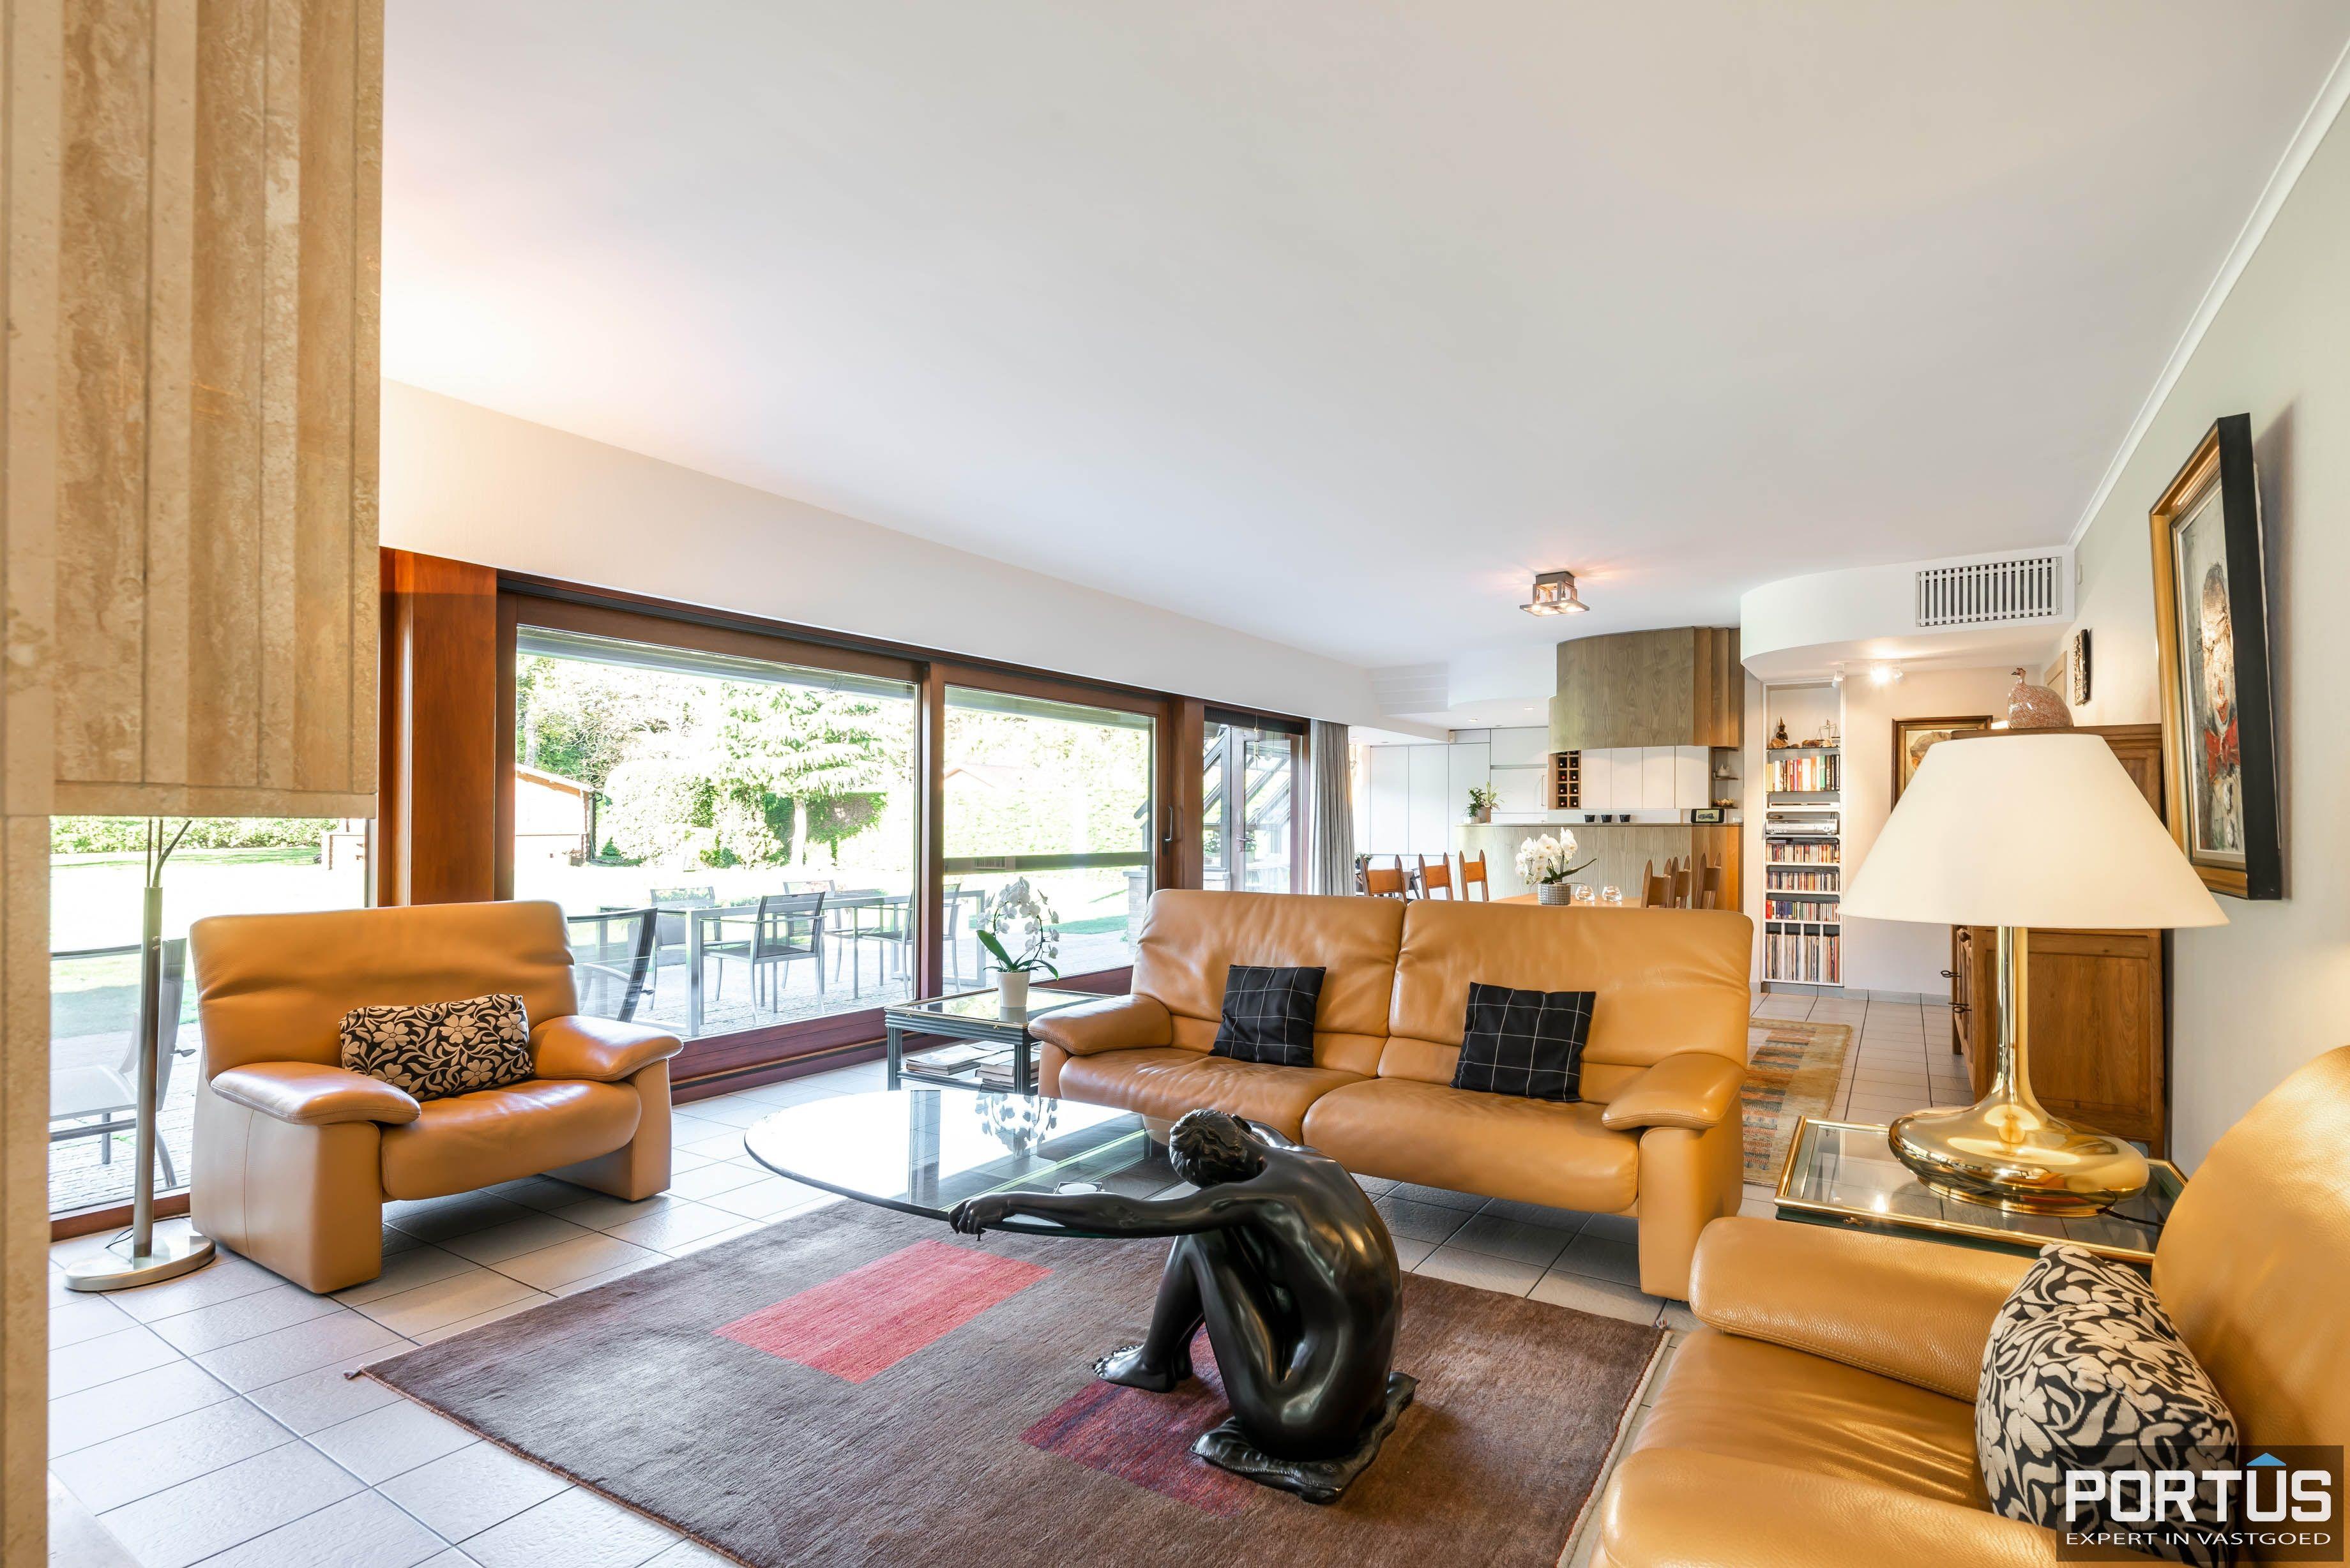 Exclusieve villa te koop te Nieuwpoort - 8959